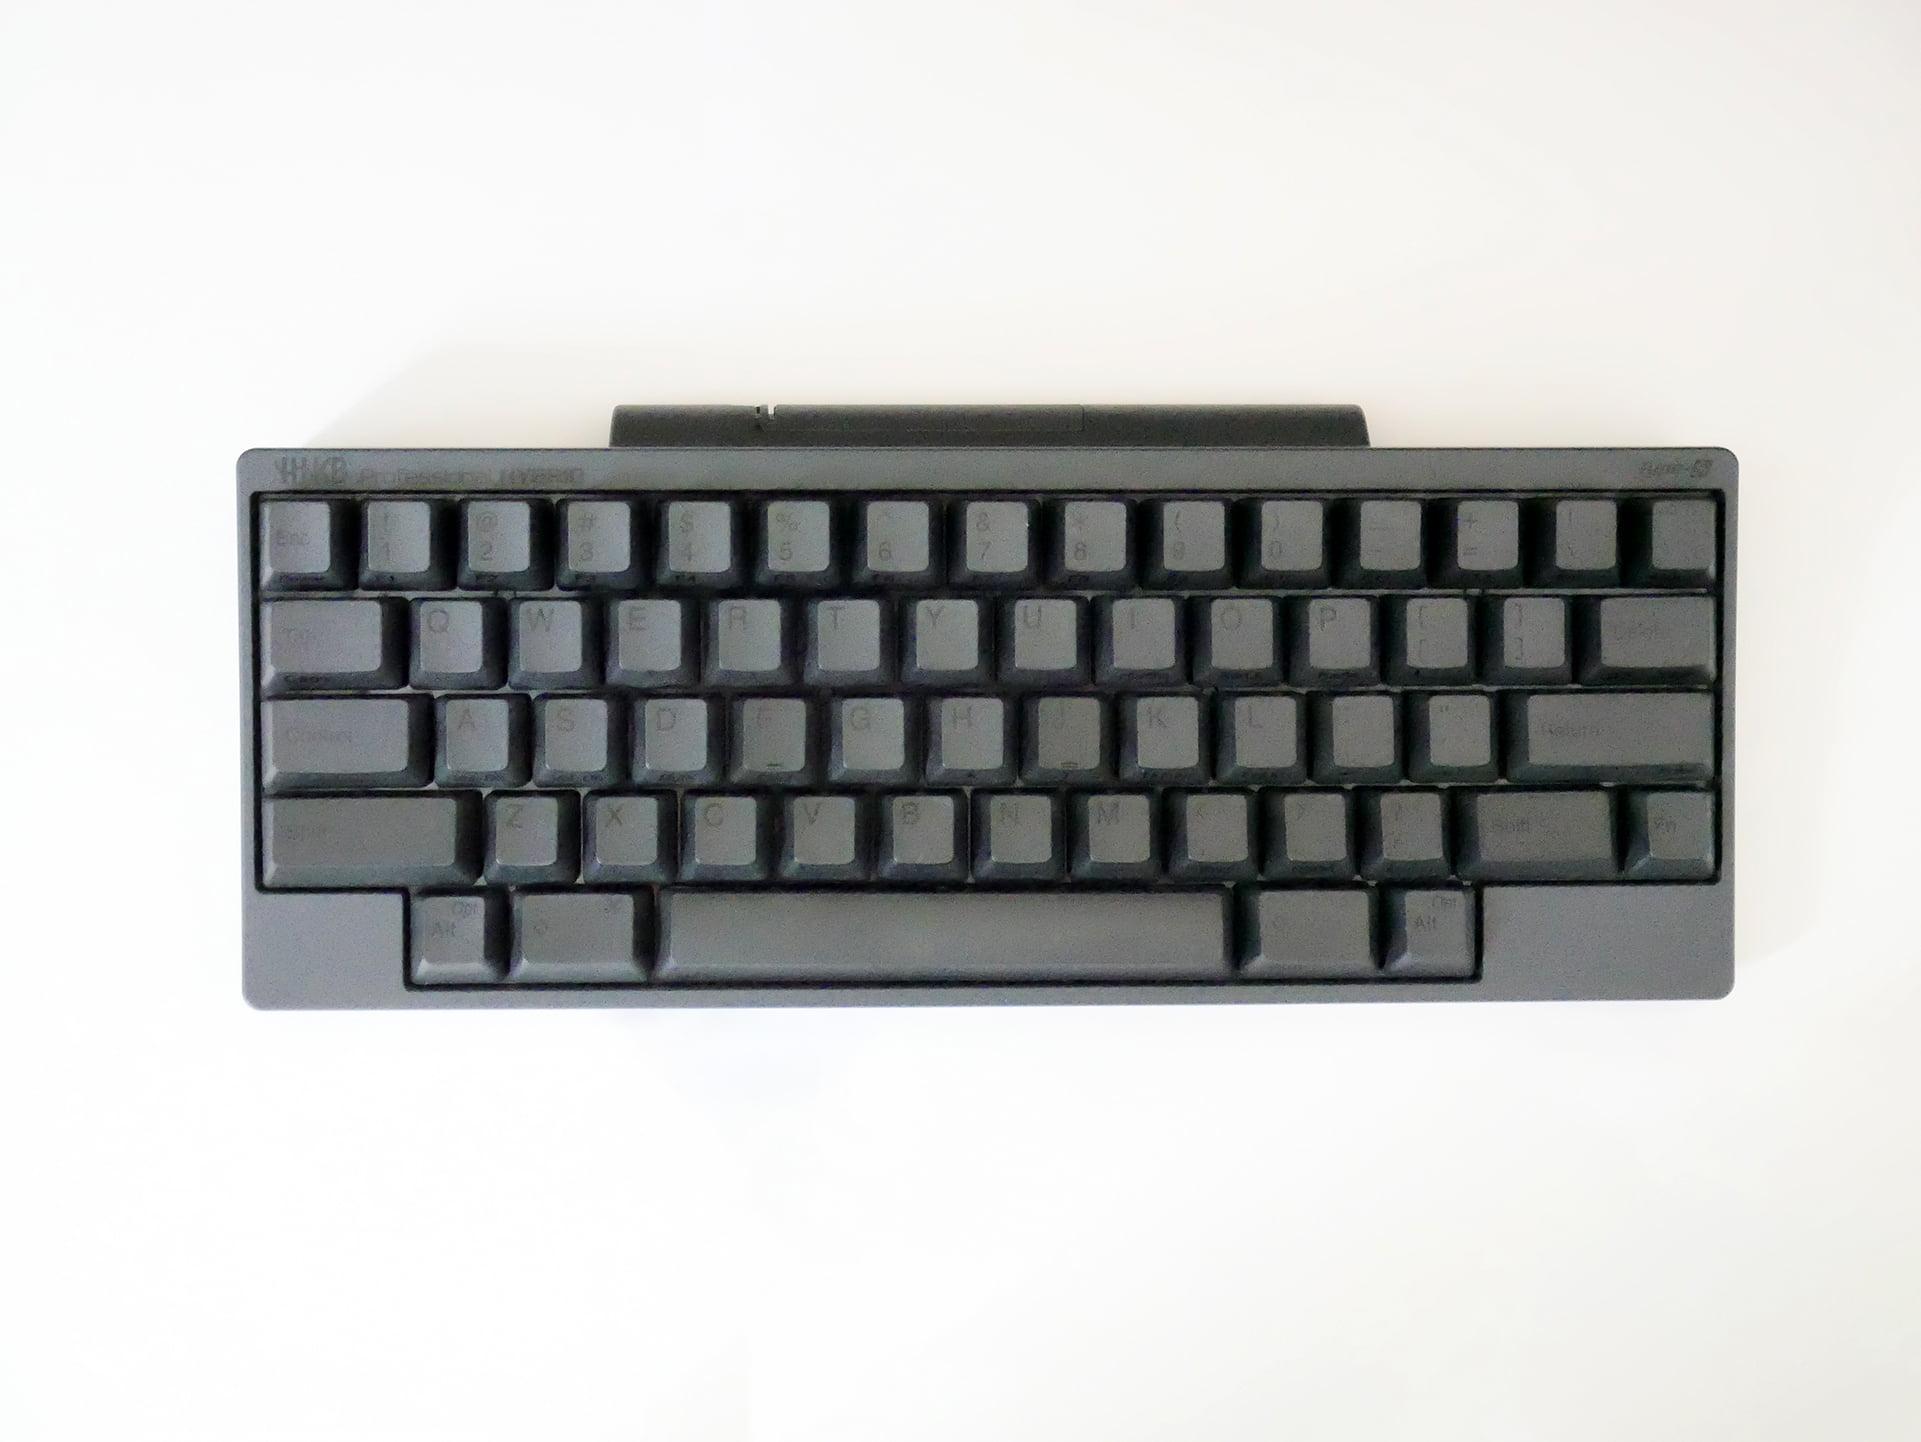 軽いタッチ感が至高のワイヤレスキーボード「HHKB Professional HYBRID Type ...